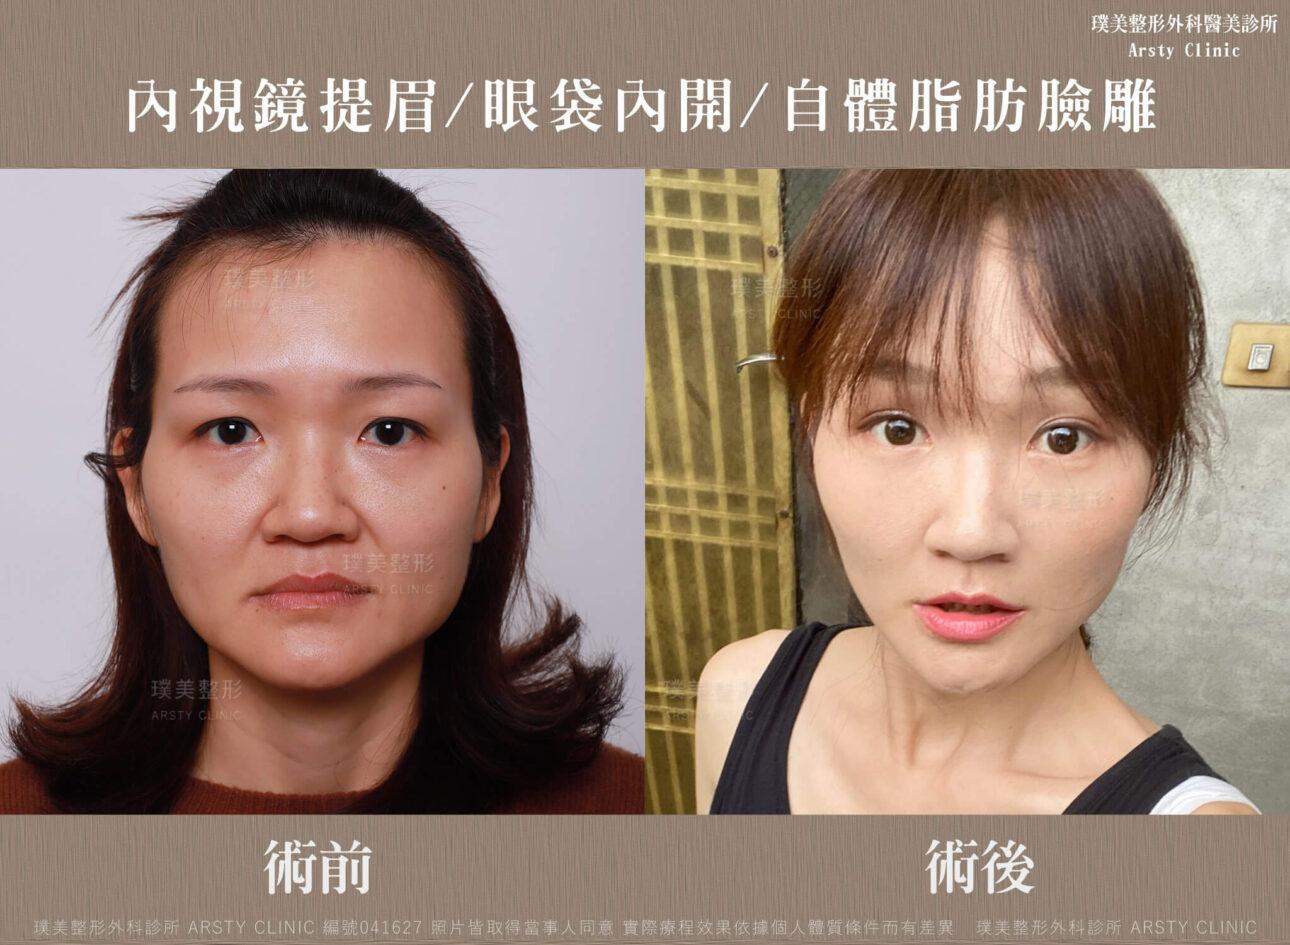 內視鏡提眉 上臉拉提 拉皮 眼袋內開 臉雕補脂 BA 041627 三個月正面 2